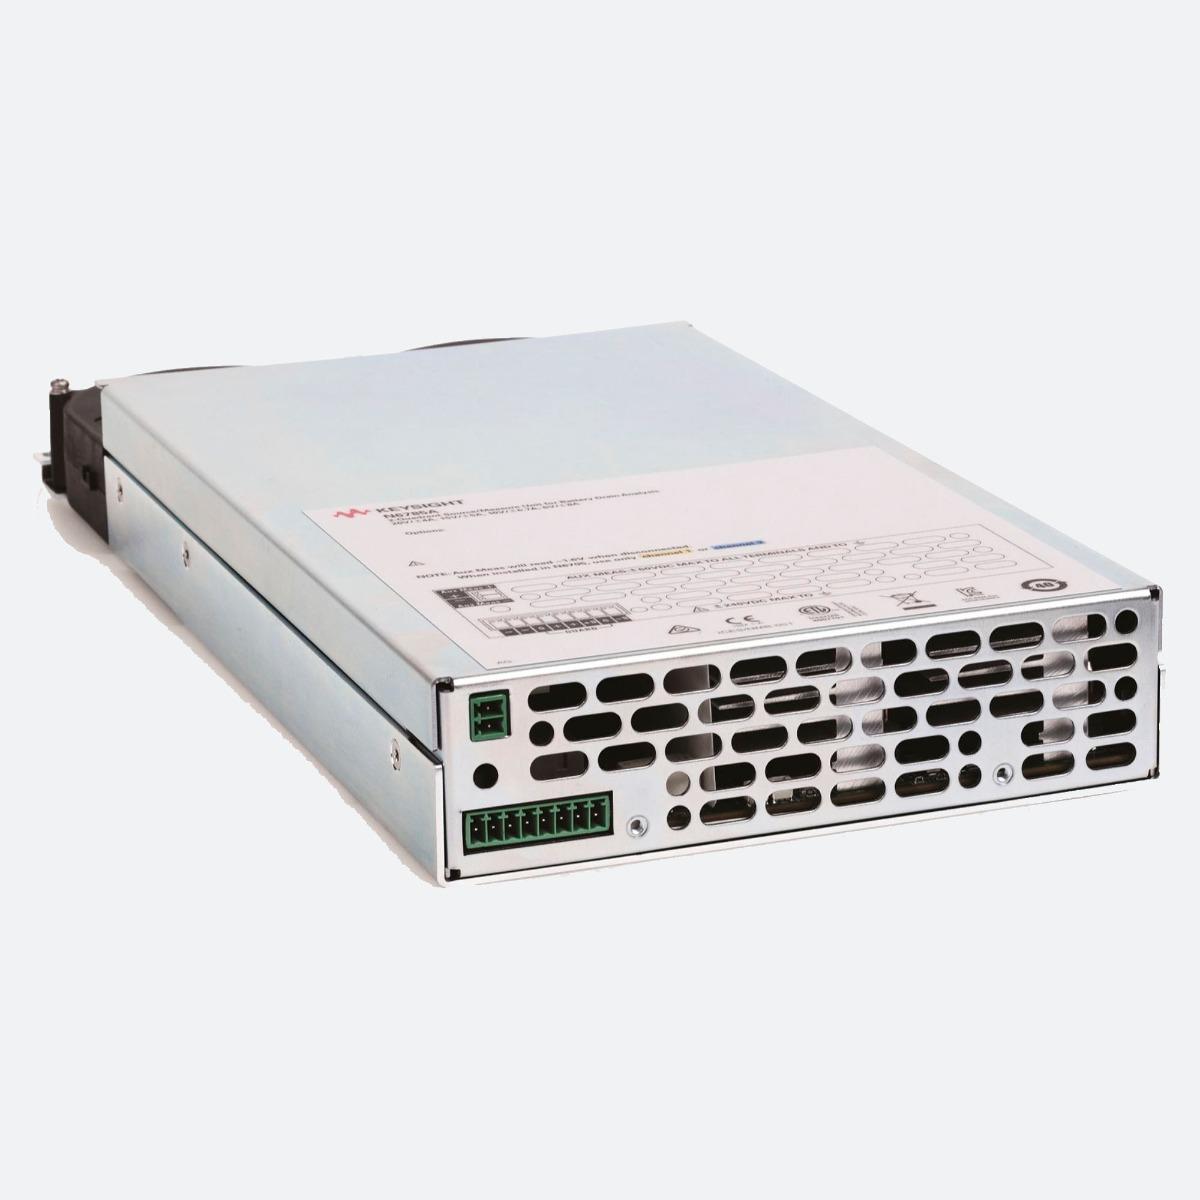 KEYSIGHT N6700 Power supply